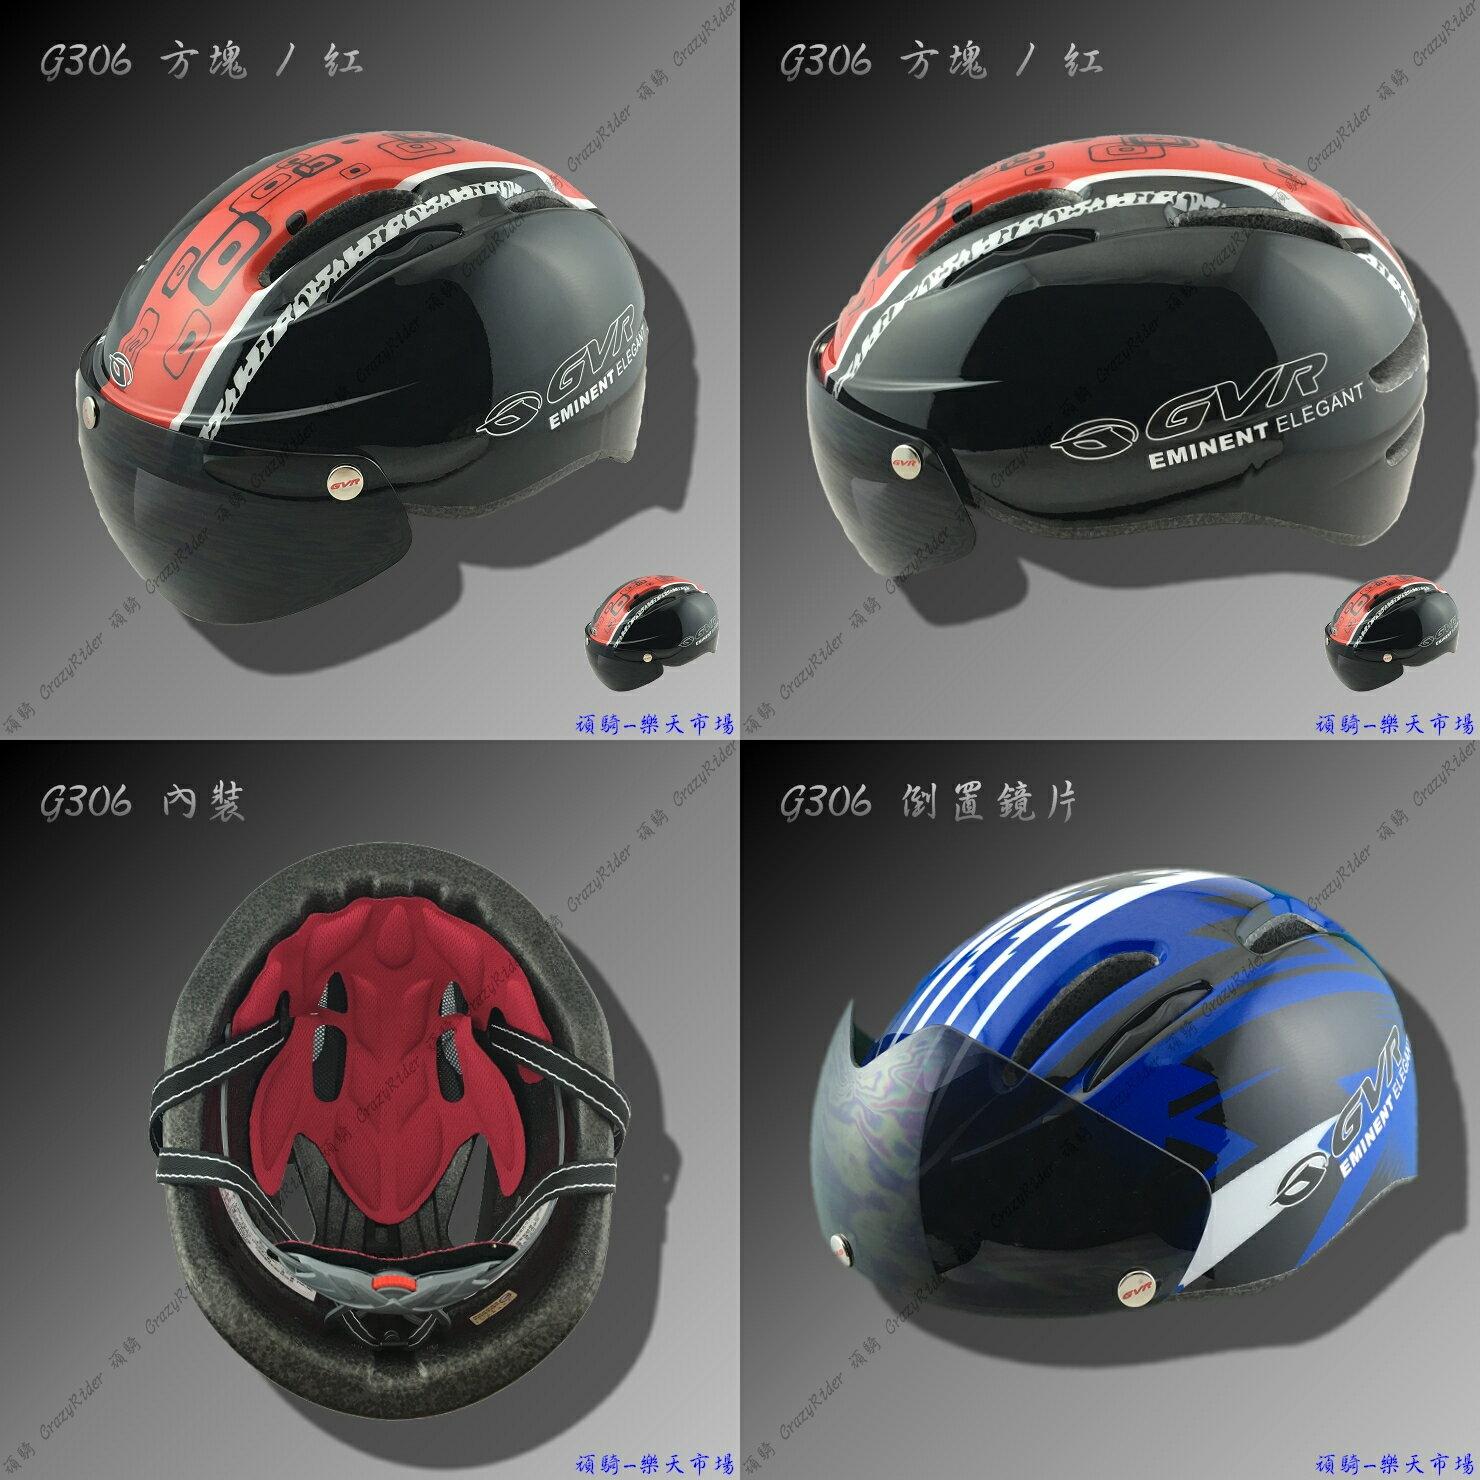 【頑騎】免運費【GVR】獨家專利 磁吸式自行車空力帽 G306 焦點系列-方塊-紅色 3